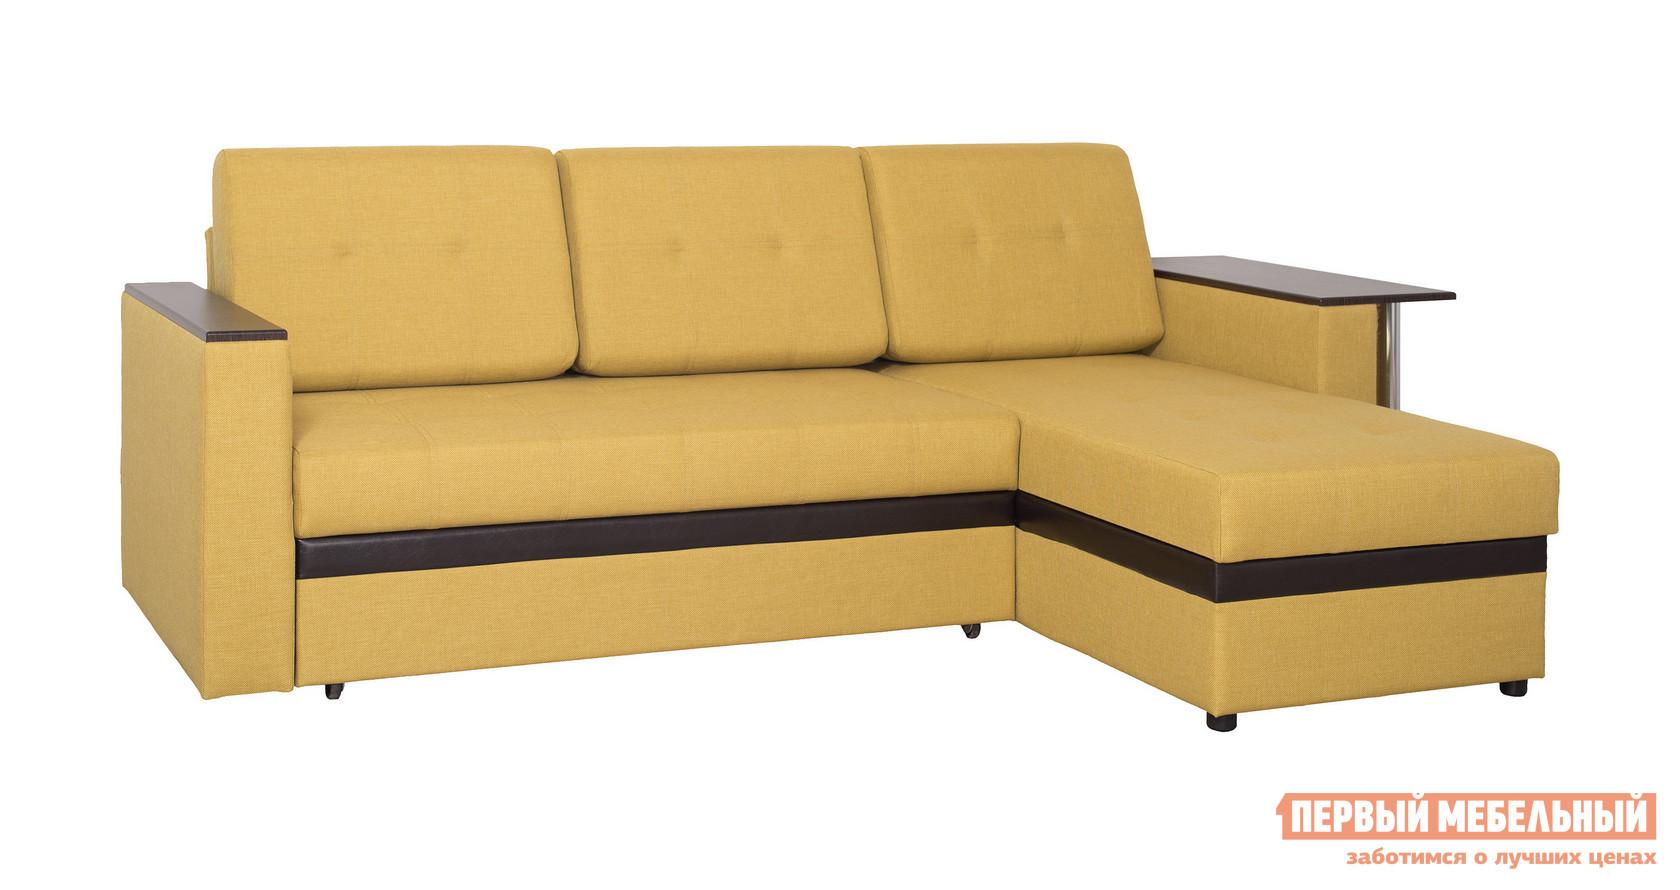 описание Угловой диван ПМ: Пиррогрупп Атланта угловой Оливковый